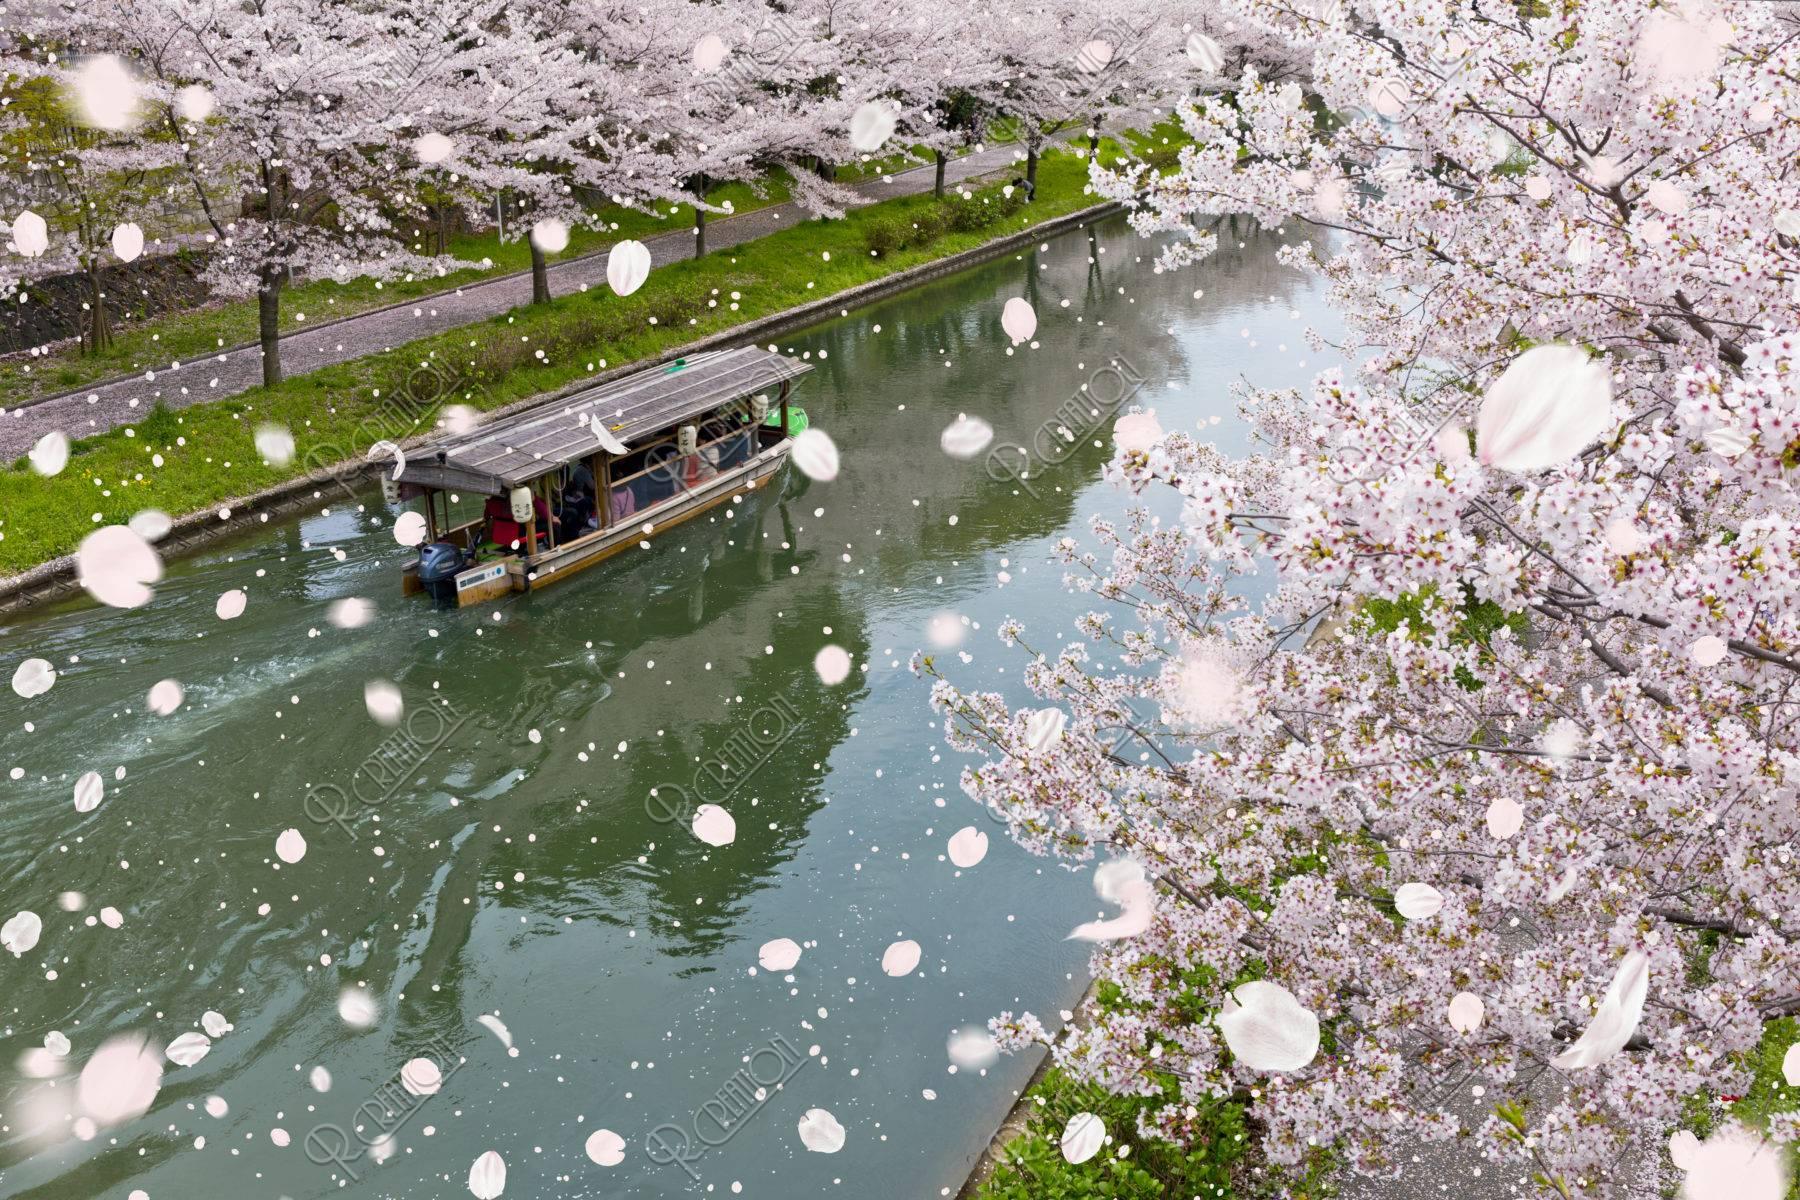 伏見十石舟と桜吹雪